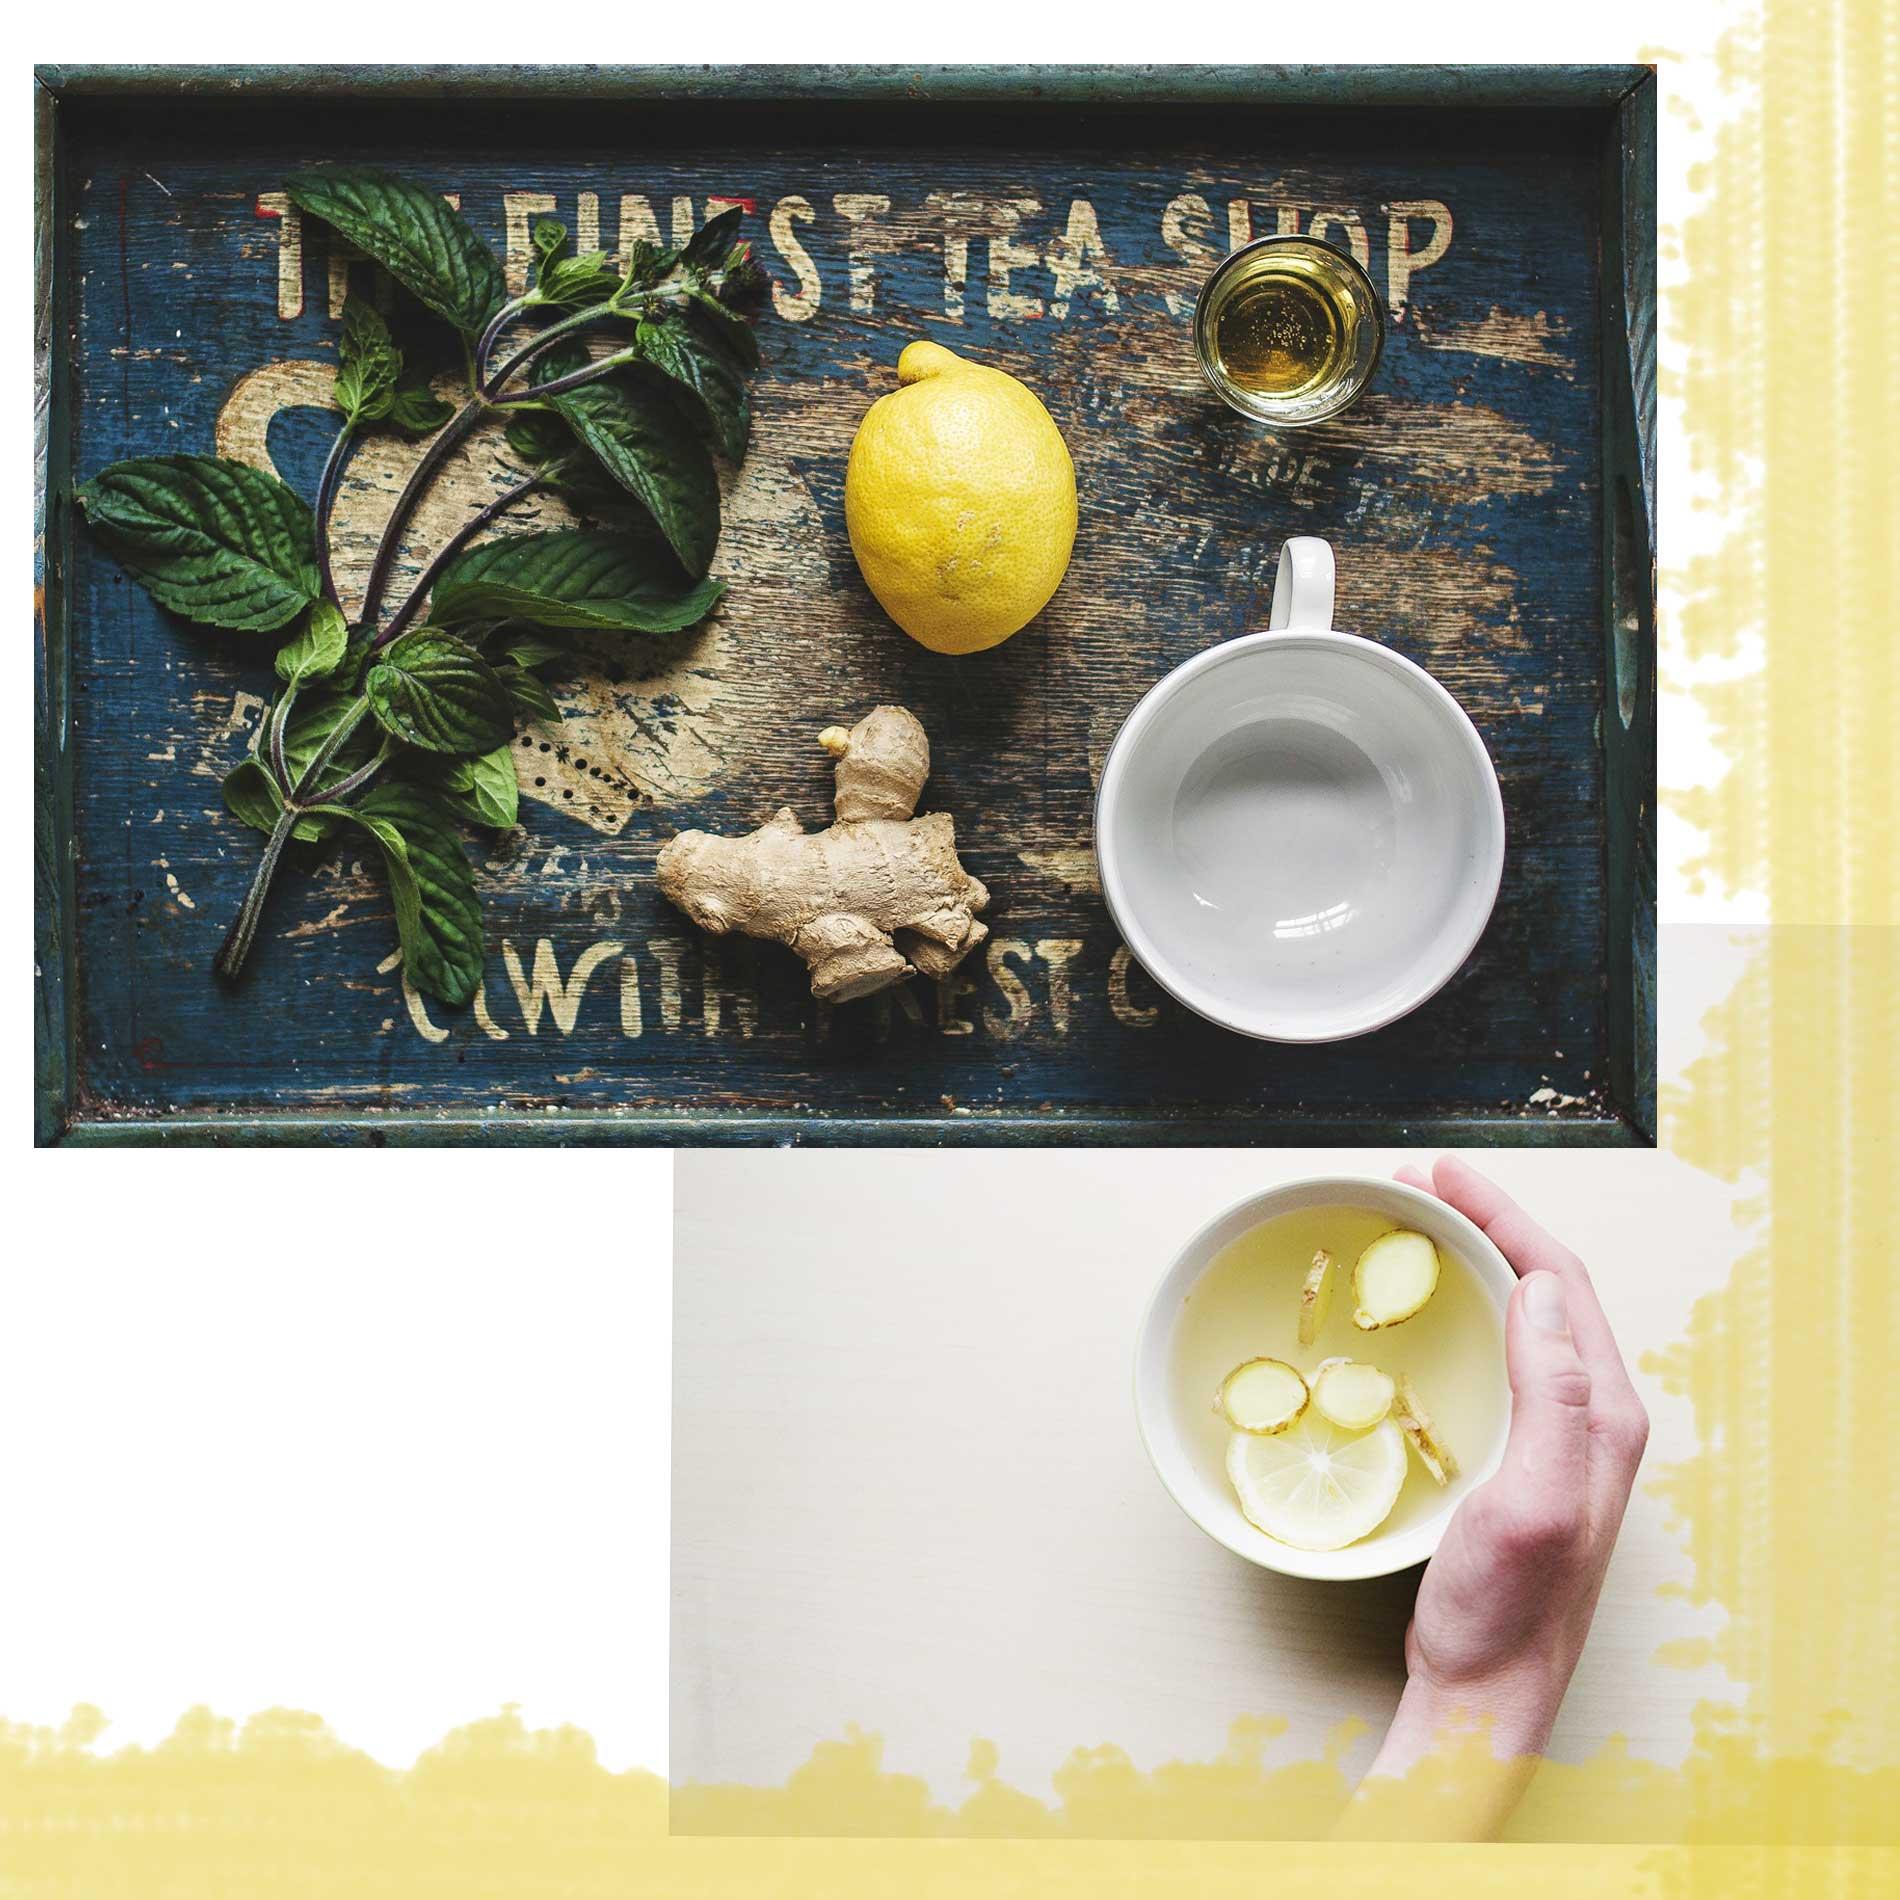 Vorteile von Ingwer auf die Gesundheit, Vorteile von Ingwer, Rezept leckerer Ingwer-Tee, Ingwer, Wellness, Self Care, Gesundheit